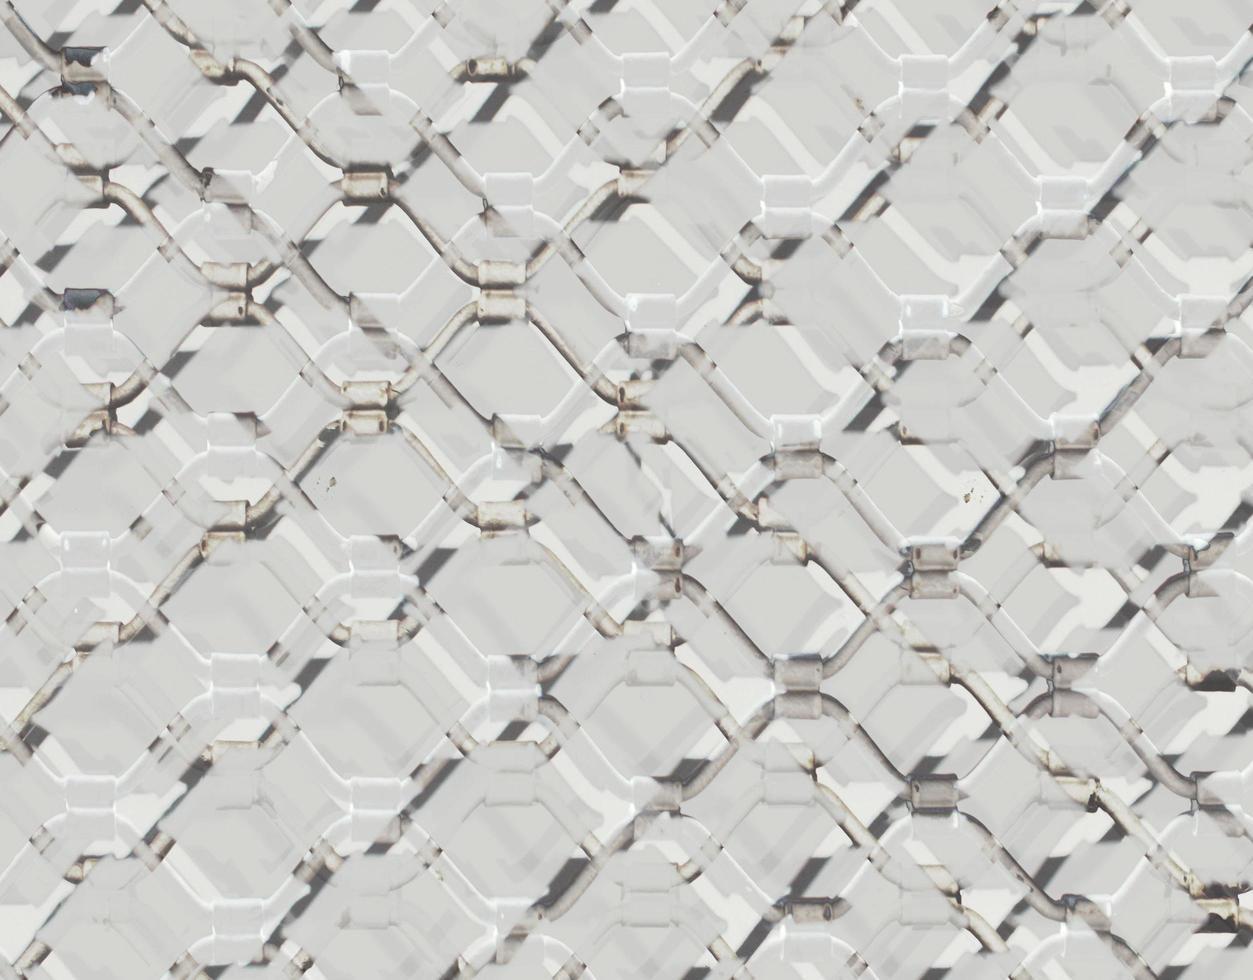 abstracte poort stalen textuur foto